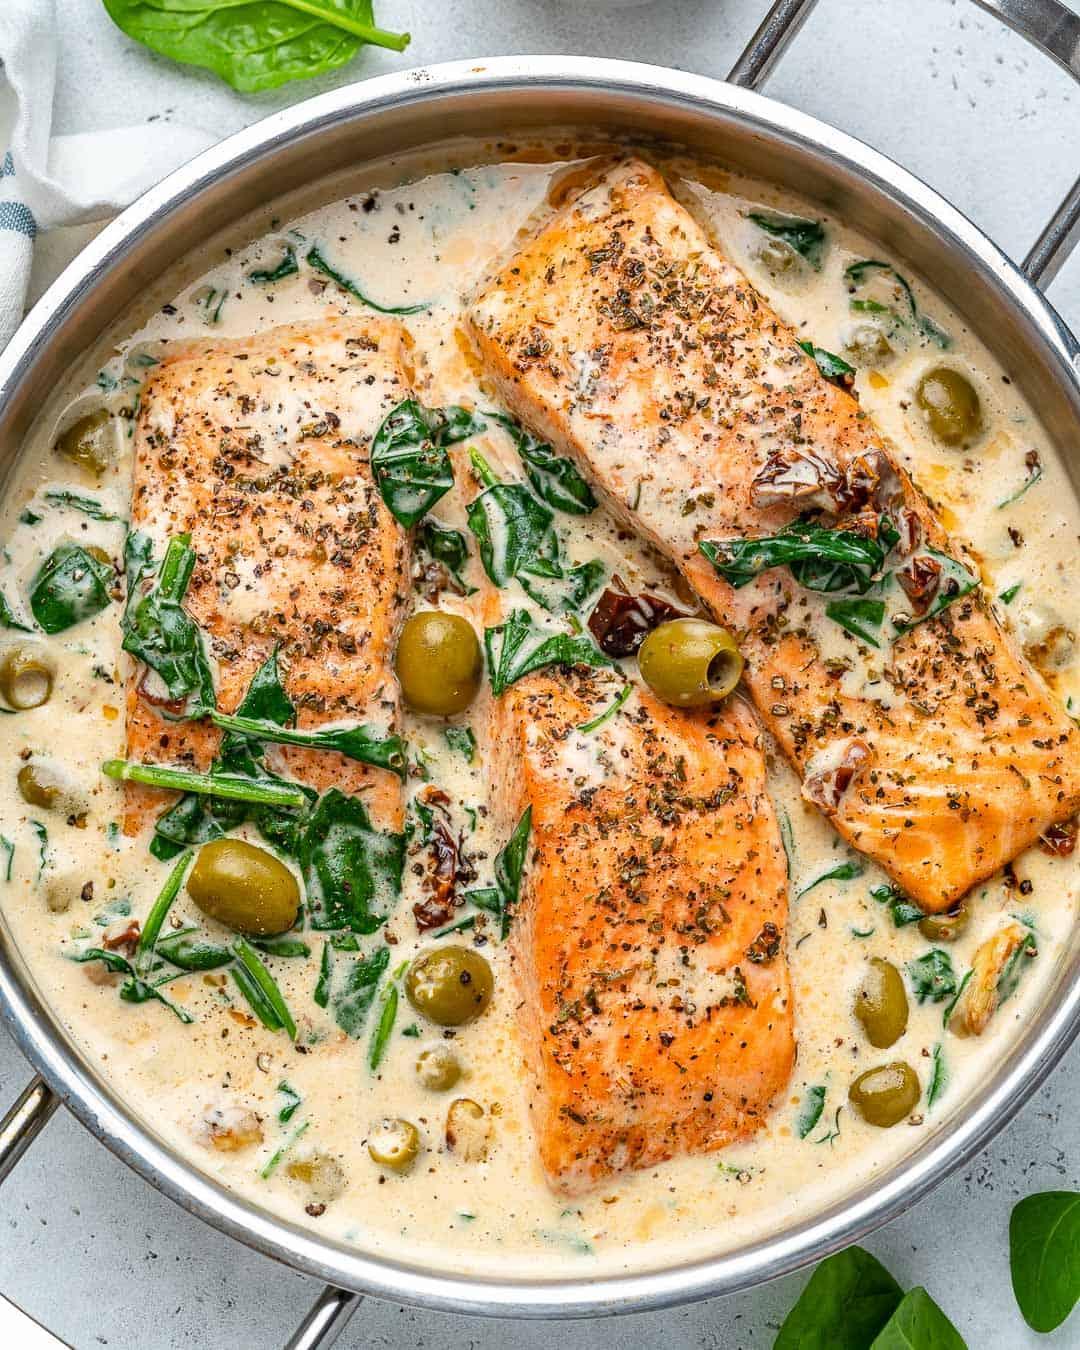 creamy pan-seared salmon in a pan with olive garnish